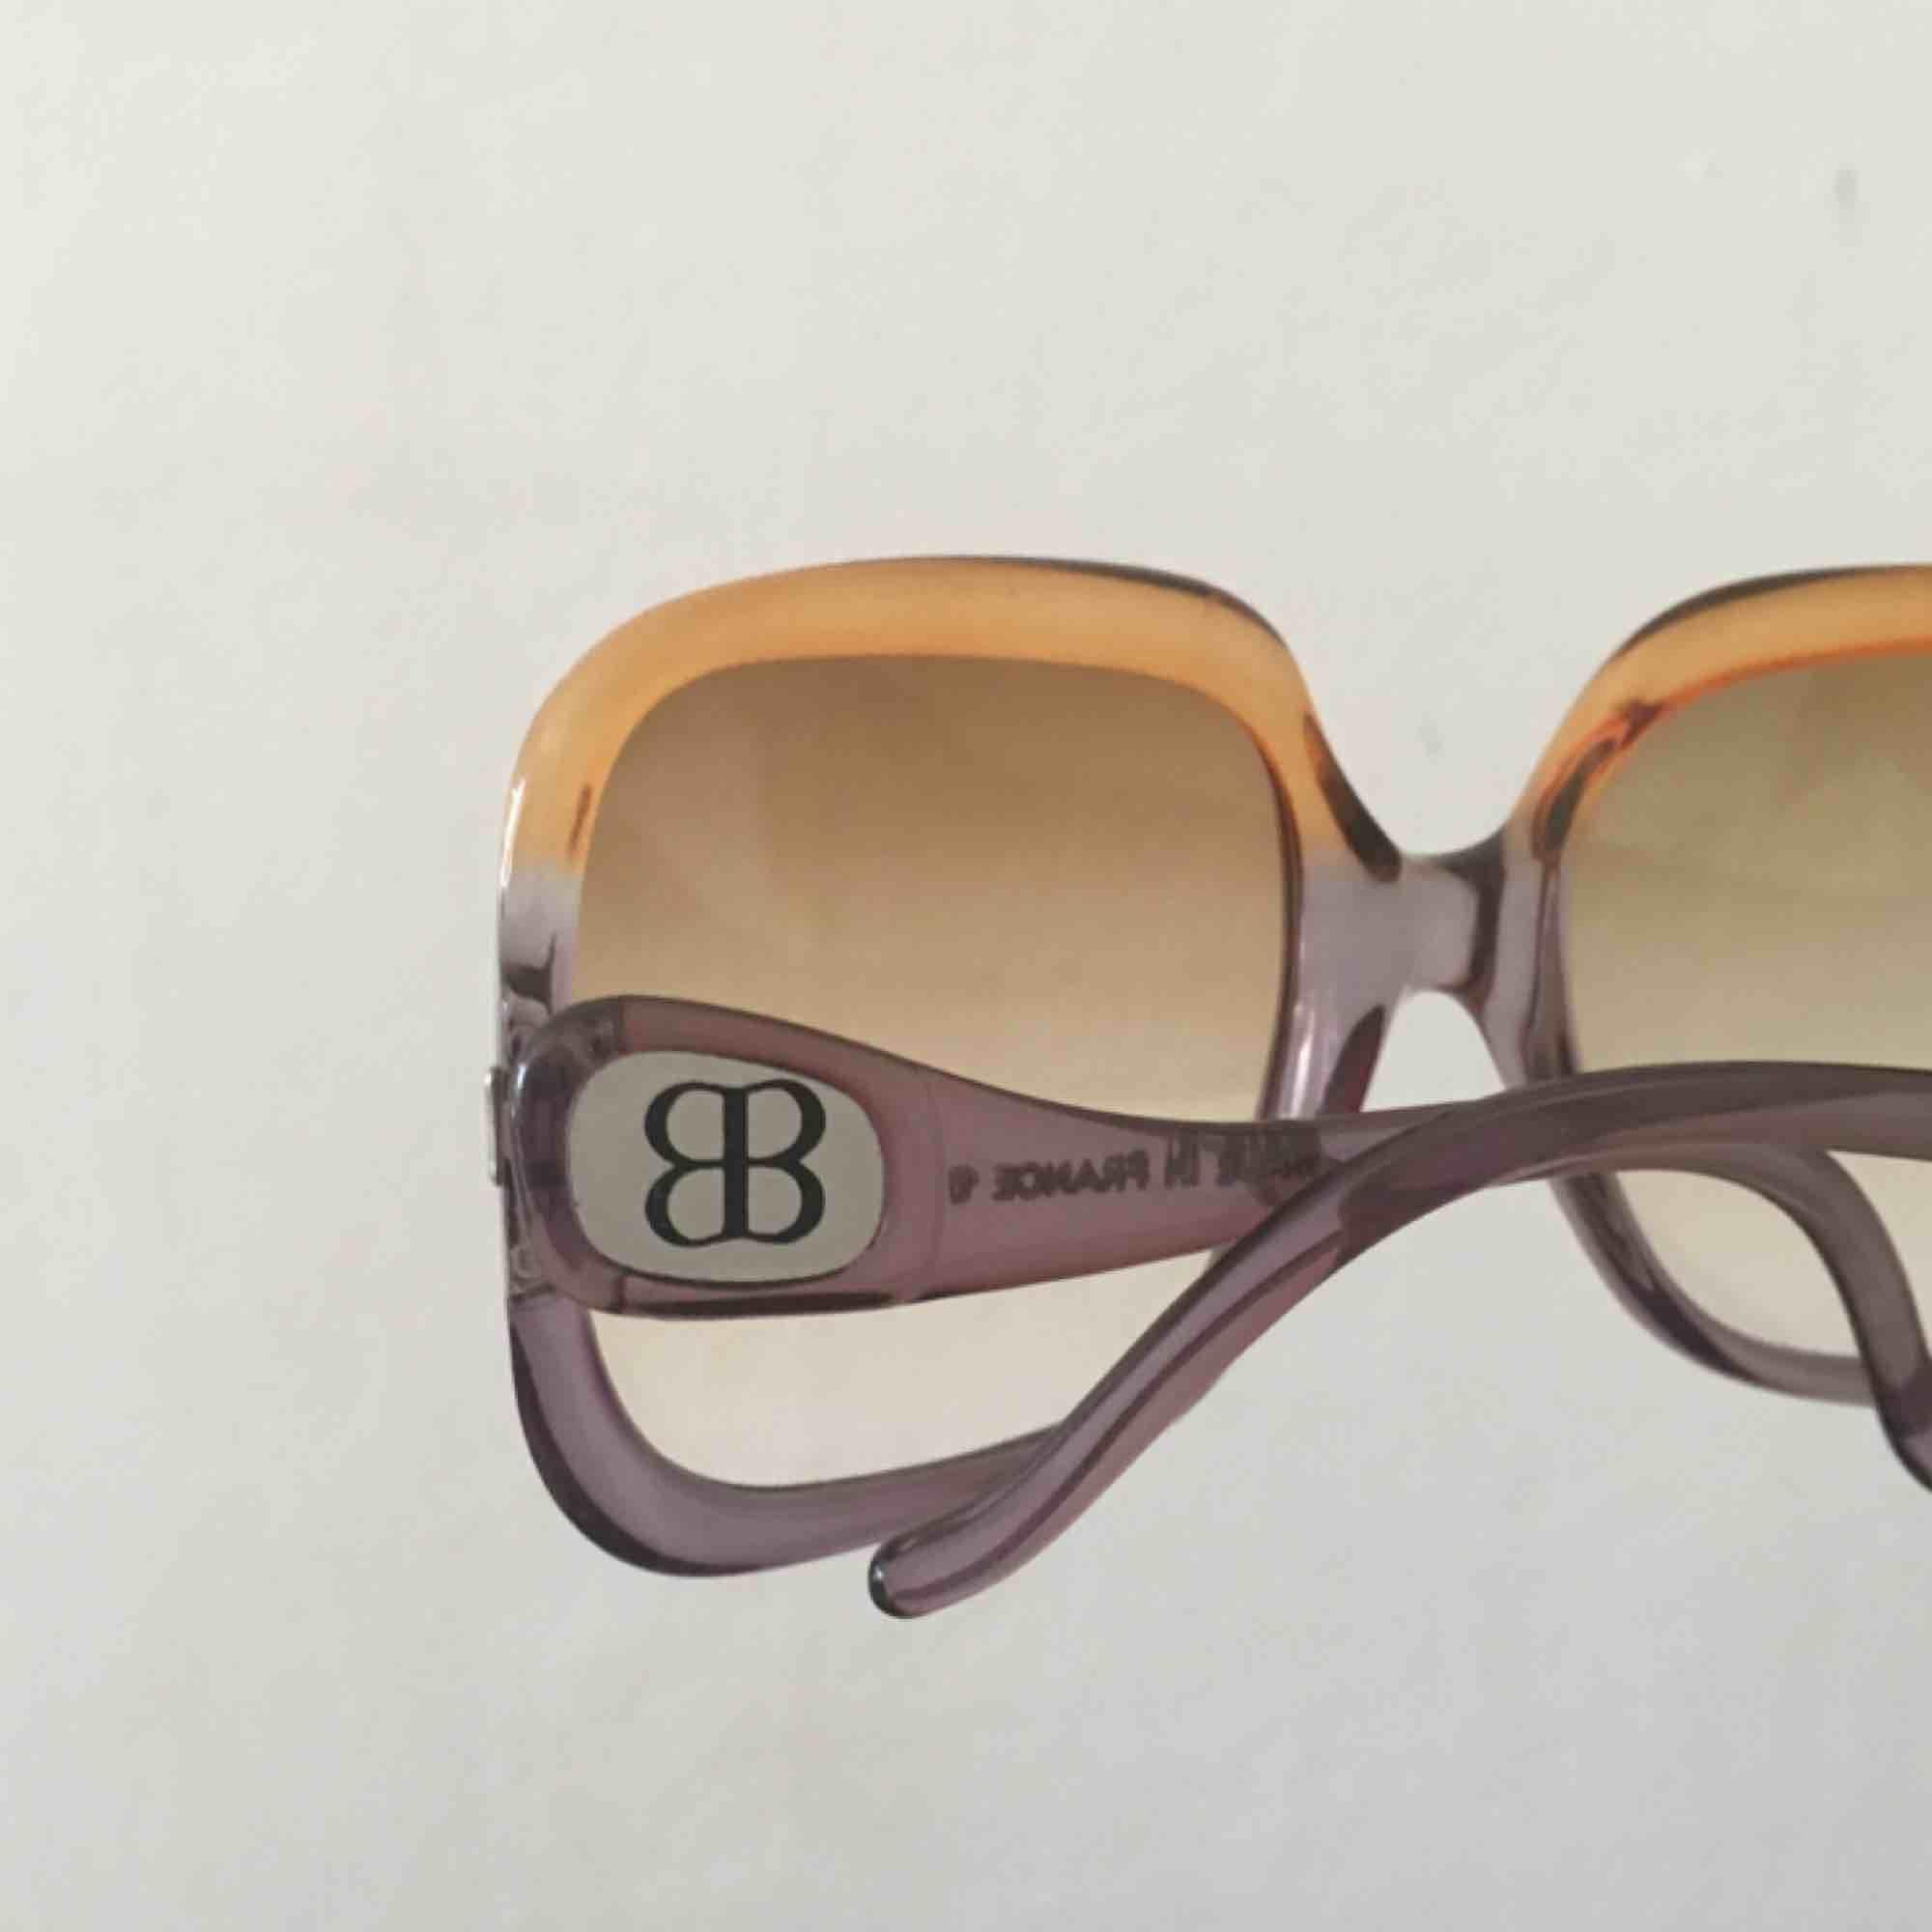 Balenciaga solglasögon 481 💐 vintage, 70-tal. Accessoarer.